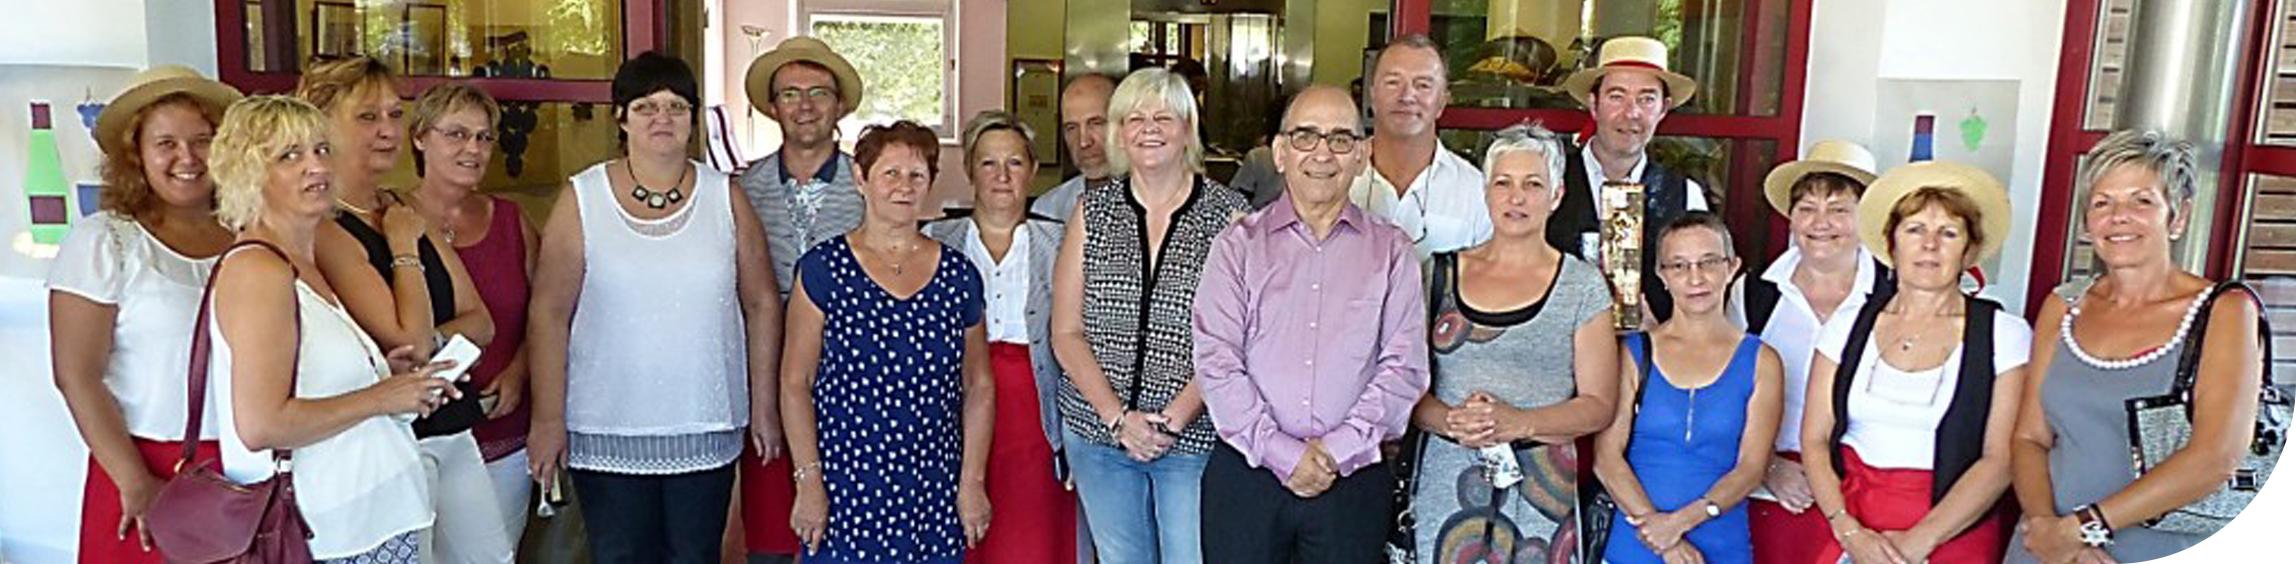 25 ans de jumelage avec St Quirin - mise à l'honneur du personnel de plus de 25 ans d'ancienneté